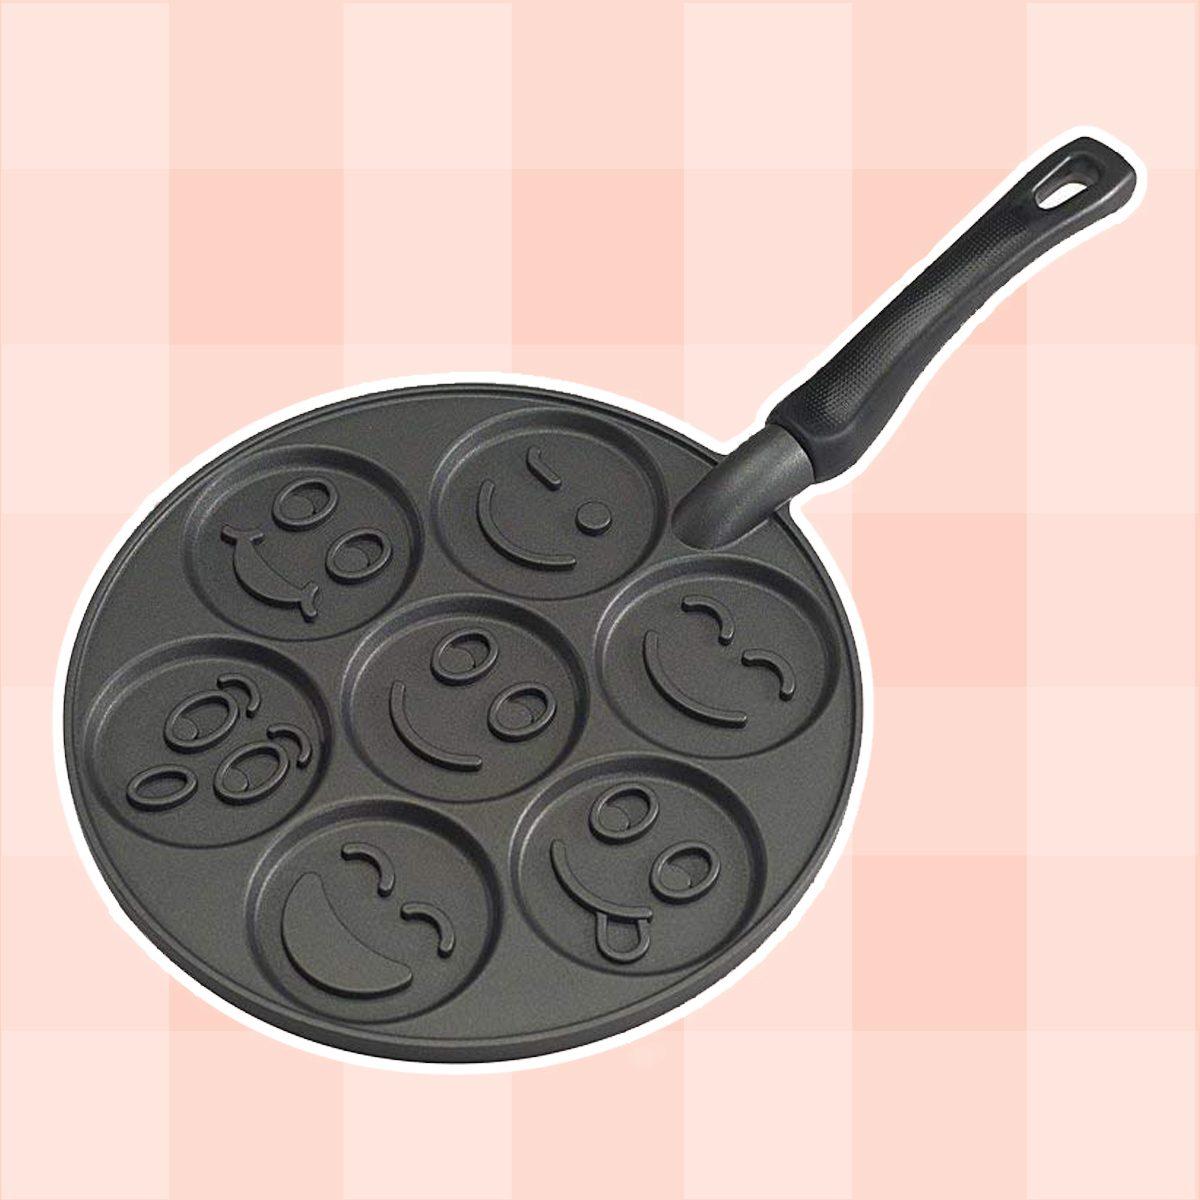 Smiley Emoji Pancake Pan